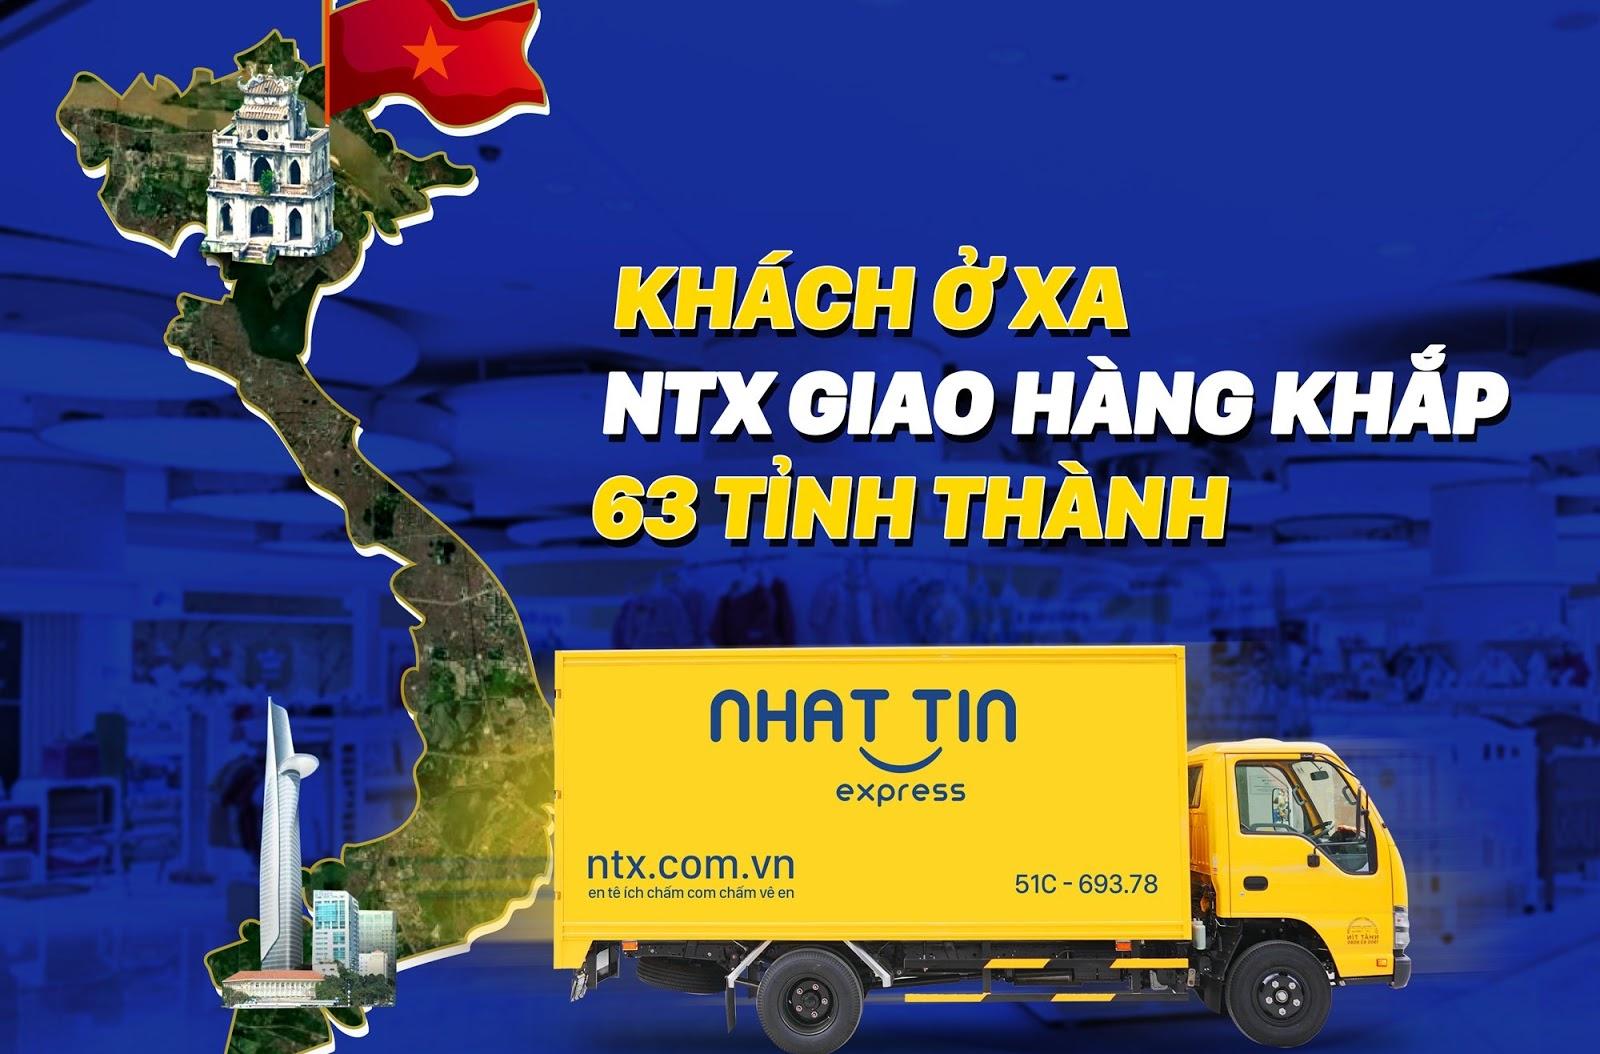 Đơn vị giao hàng nhanh, giá cước tốt, uy tín, tận tâm của NTX - Nhất Tín Express